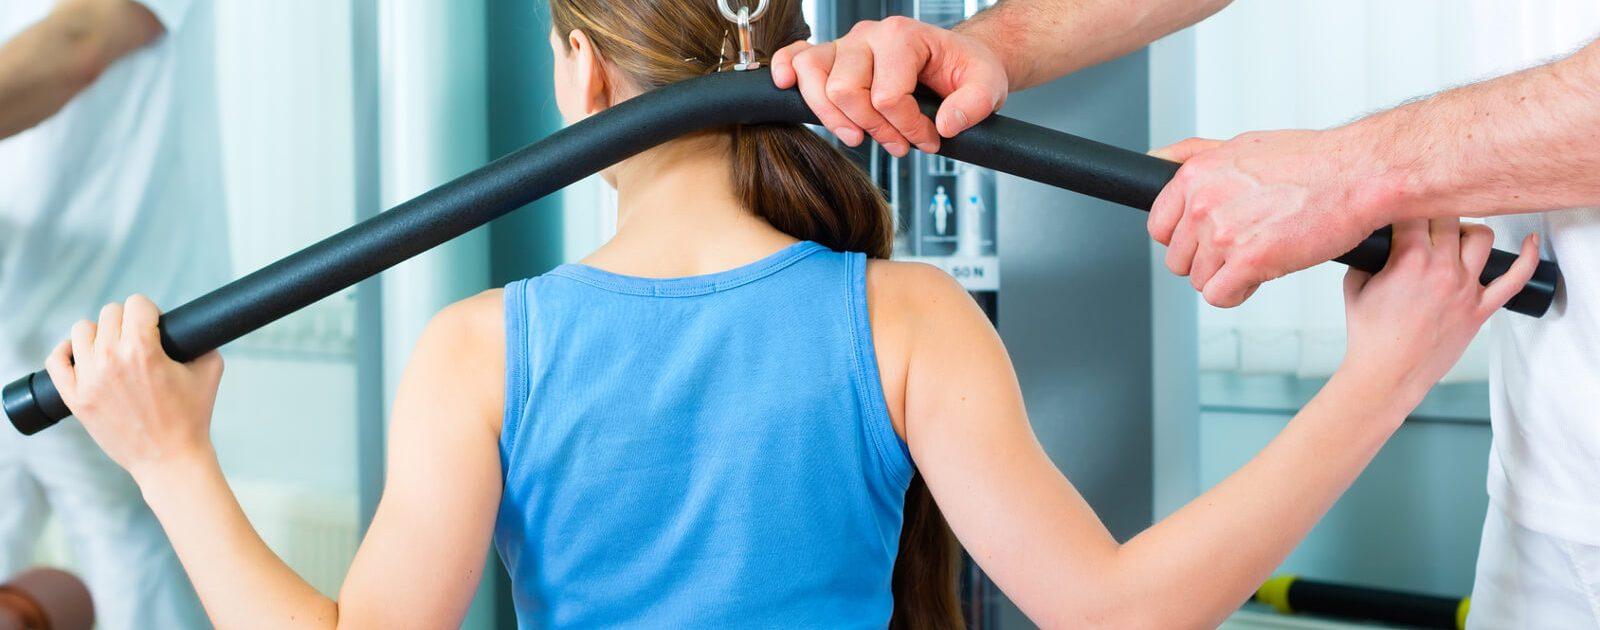 Junge Frau trainiert ihre Rückenmuskulatur.